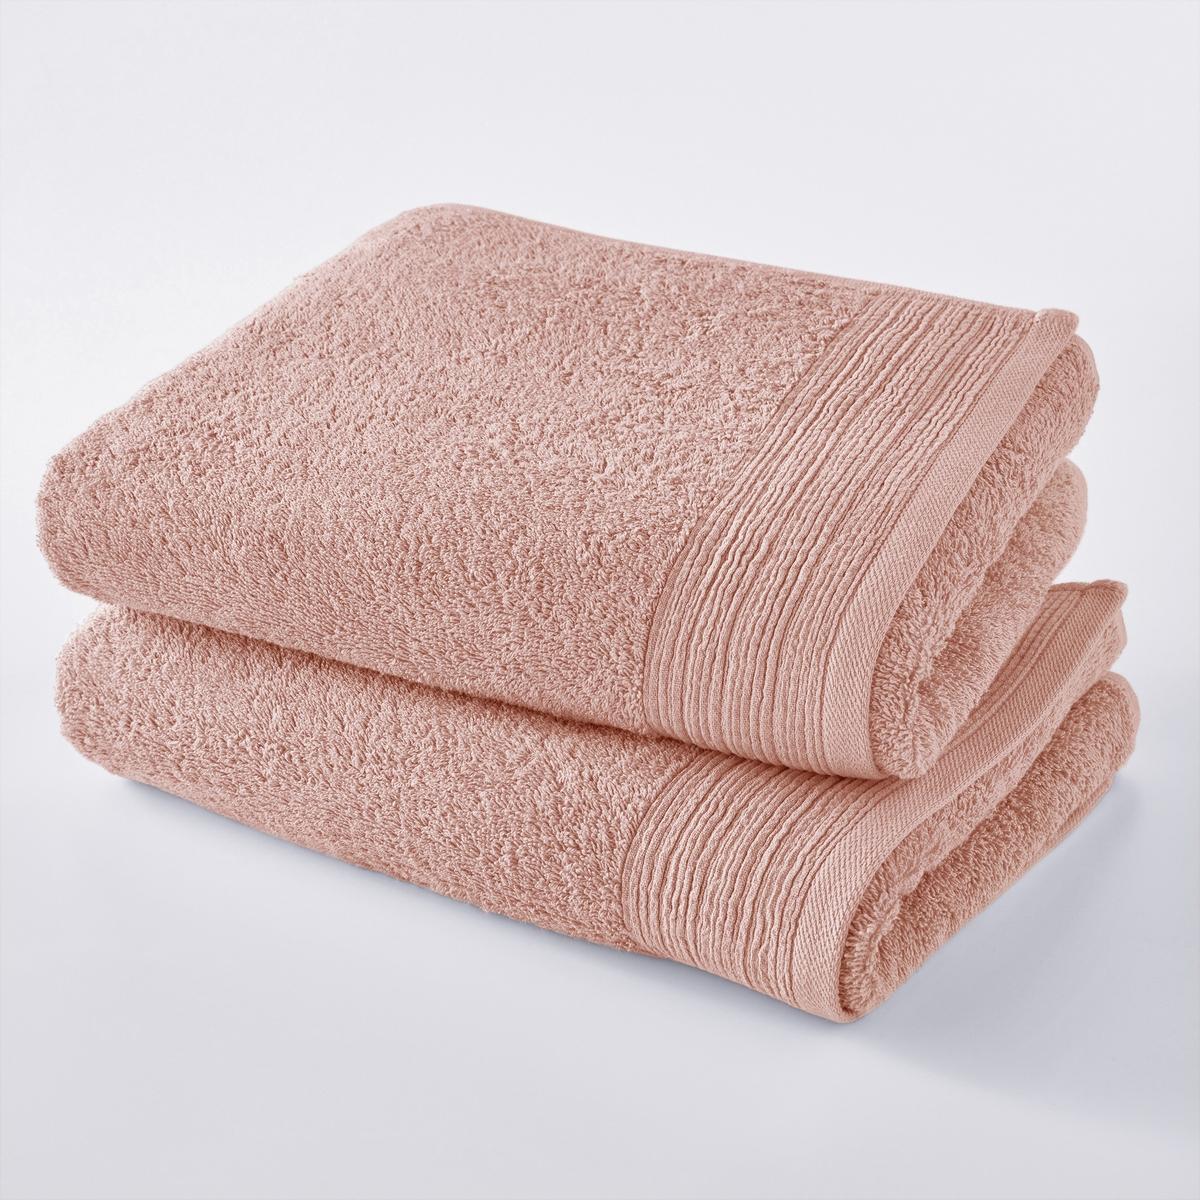 Комплект из 2 махровых банных полотенец из биохлопка ткань для полотенец оптом в москве